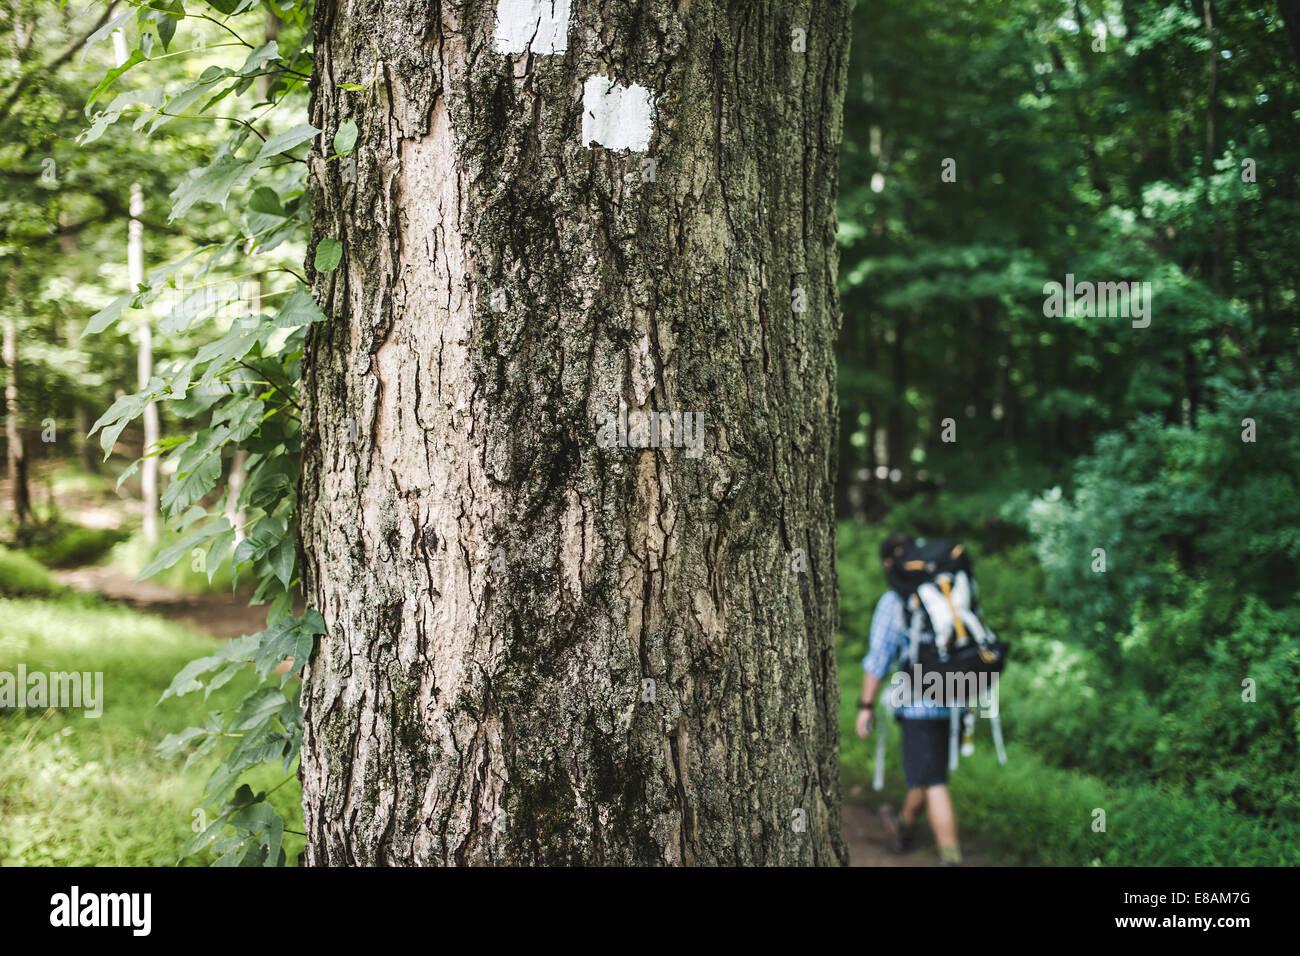 Homme randonnée en forêt avec tronc de l'arbre en premier plan Photo Stock